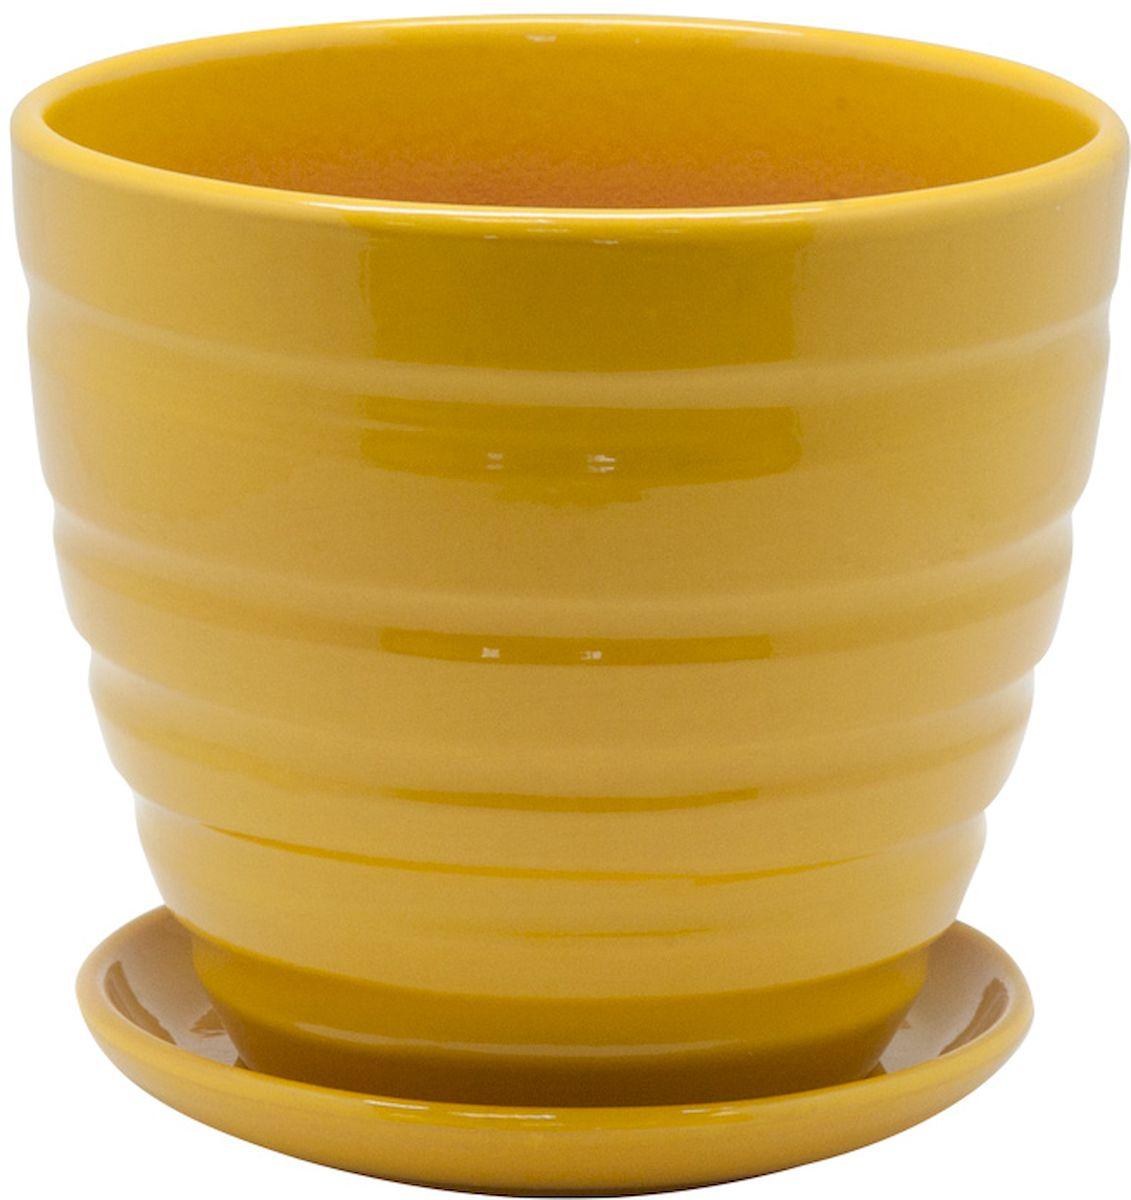 Горшок цветочный Engard, с поддоном, цвет: желтый, 1,4 л горшок керамический с поддоном листок 4 7 л желтый